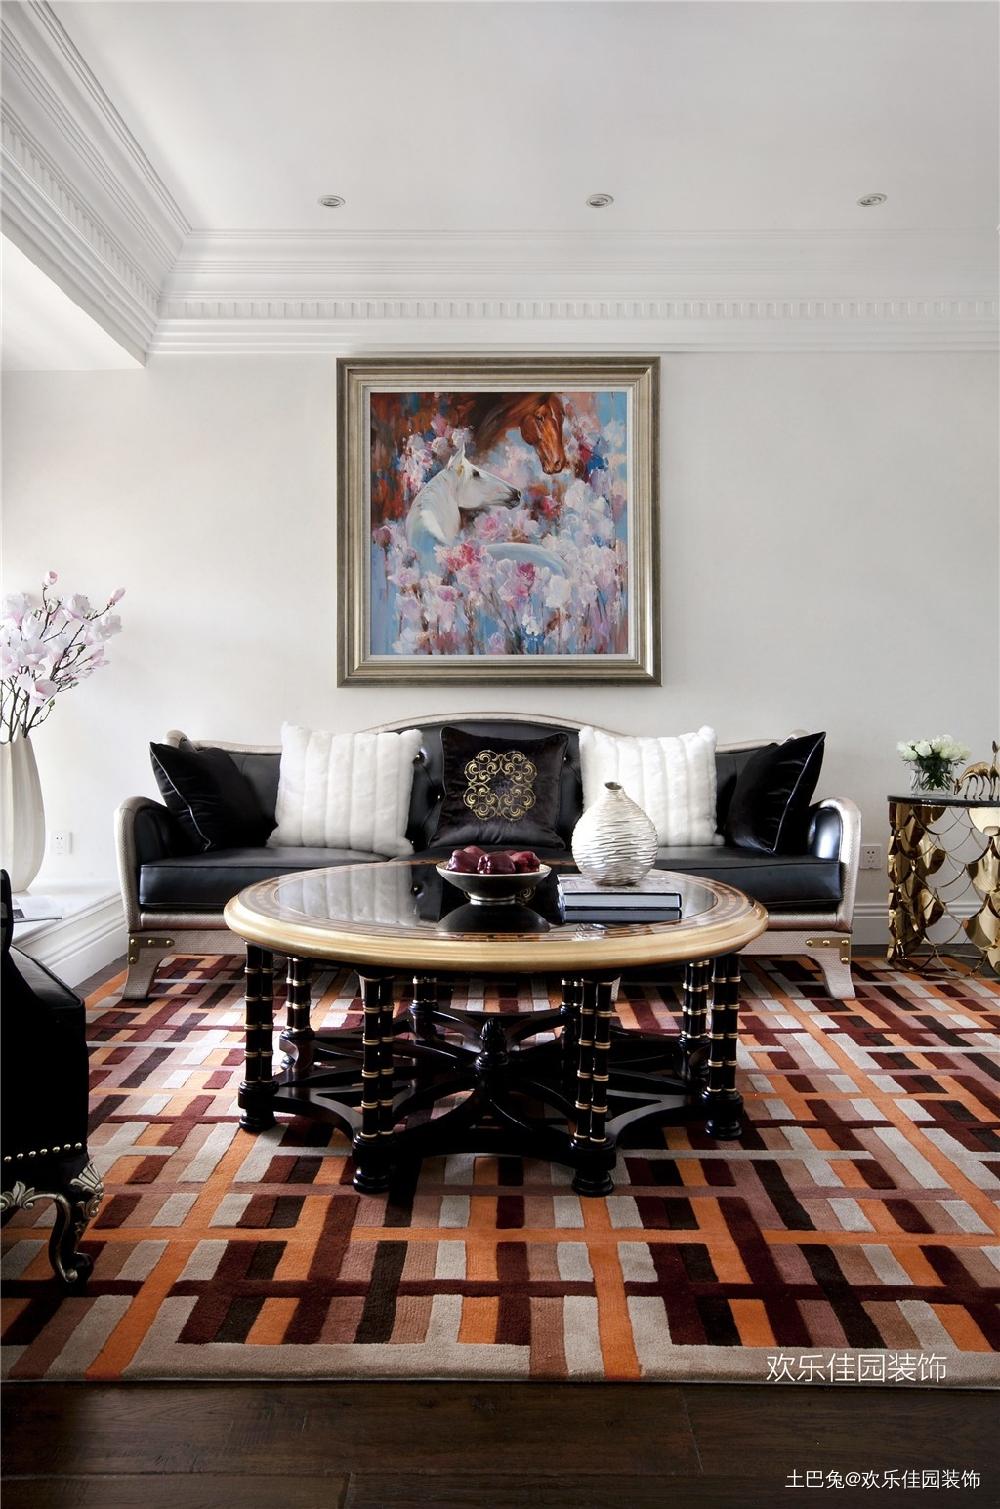 轻奢欧式小跃层有品质部浮夸客厅欧式豪华客厅设计图片赏析